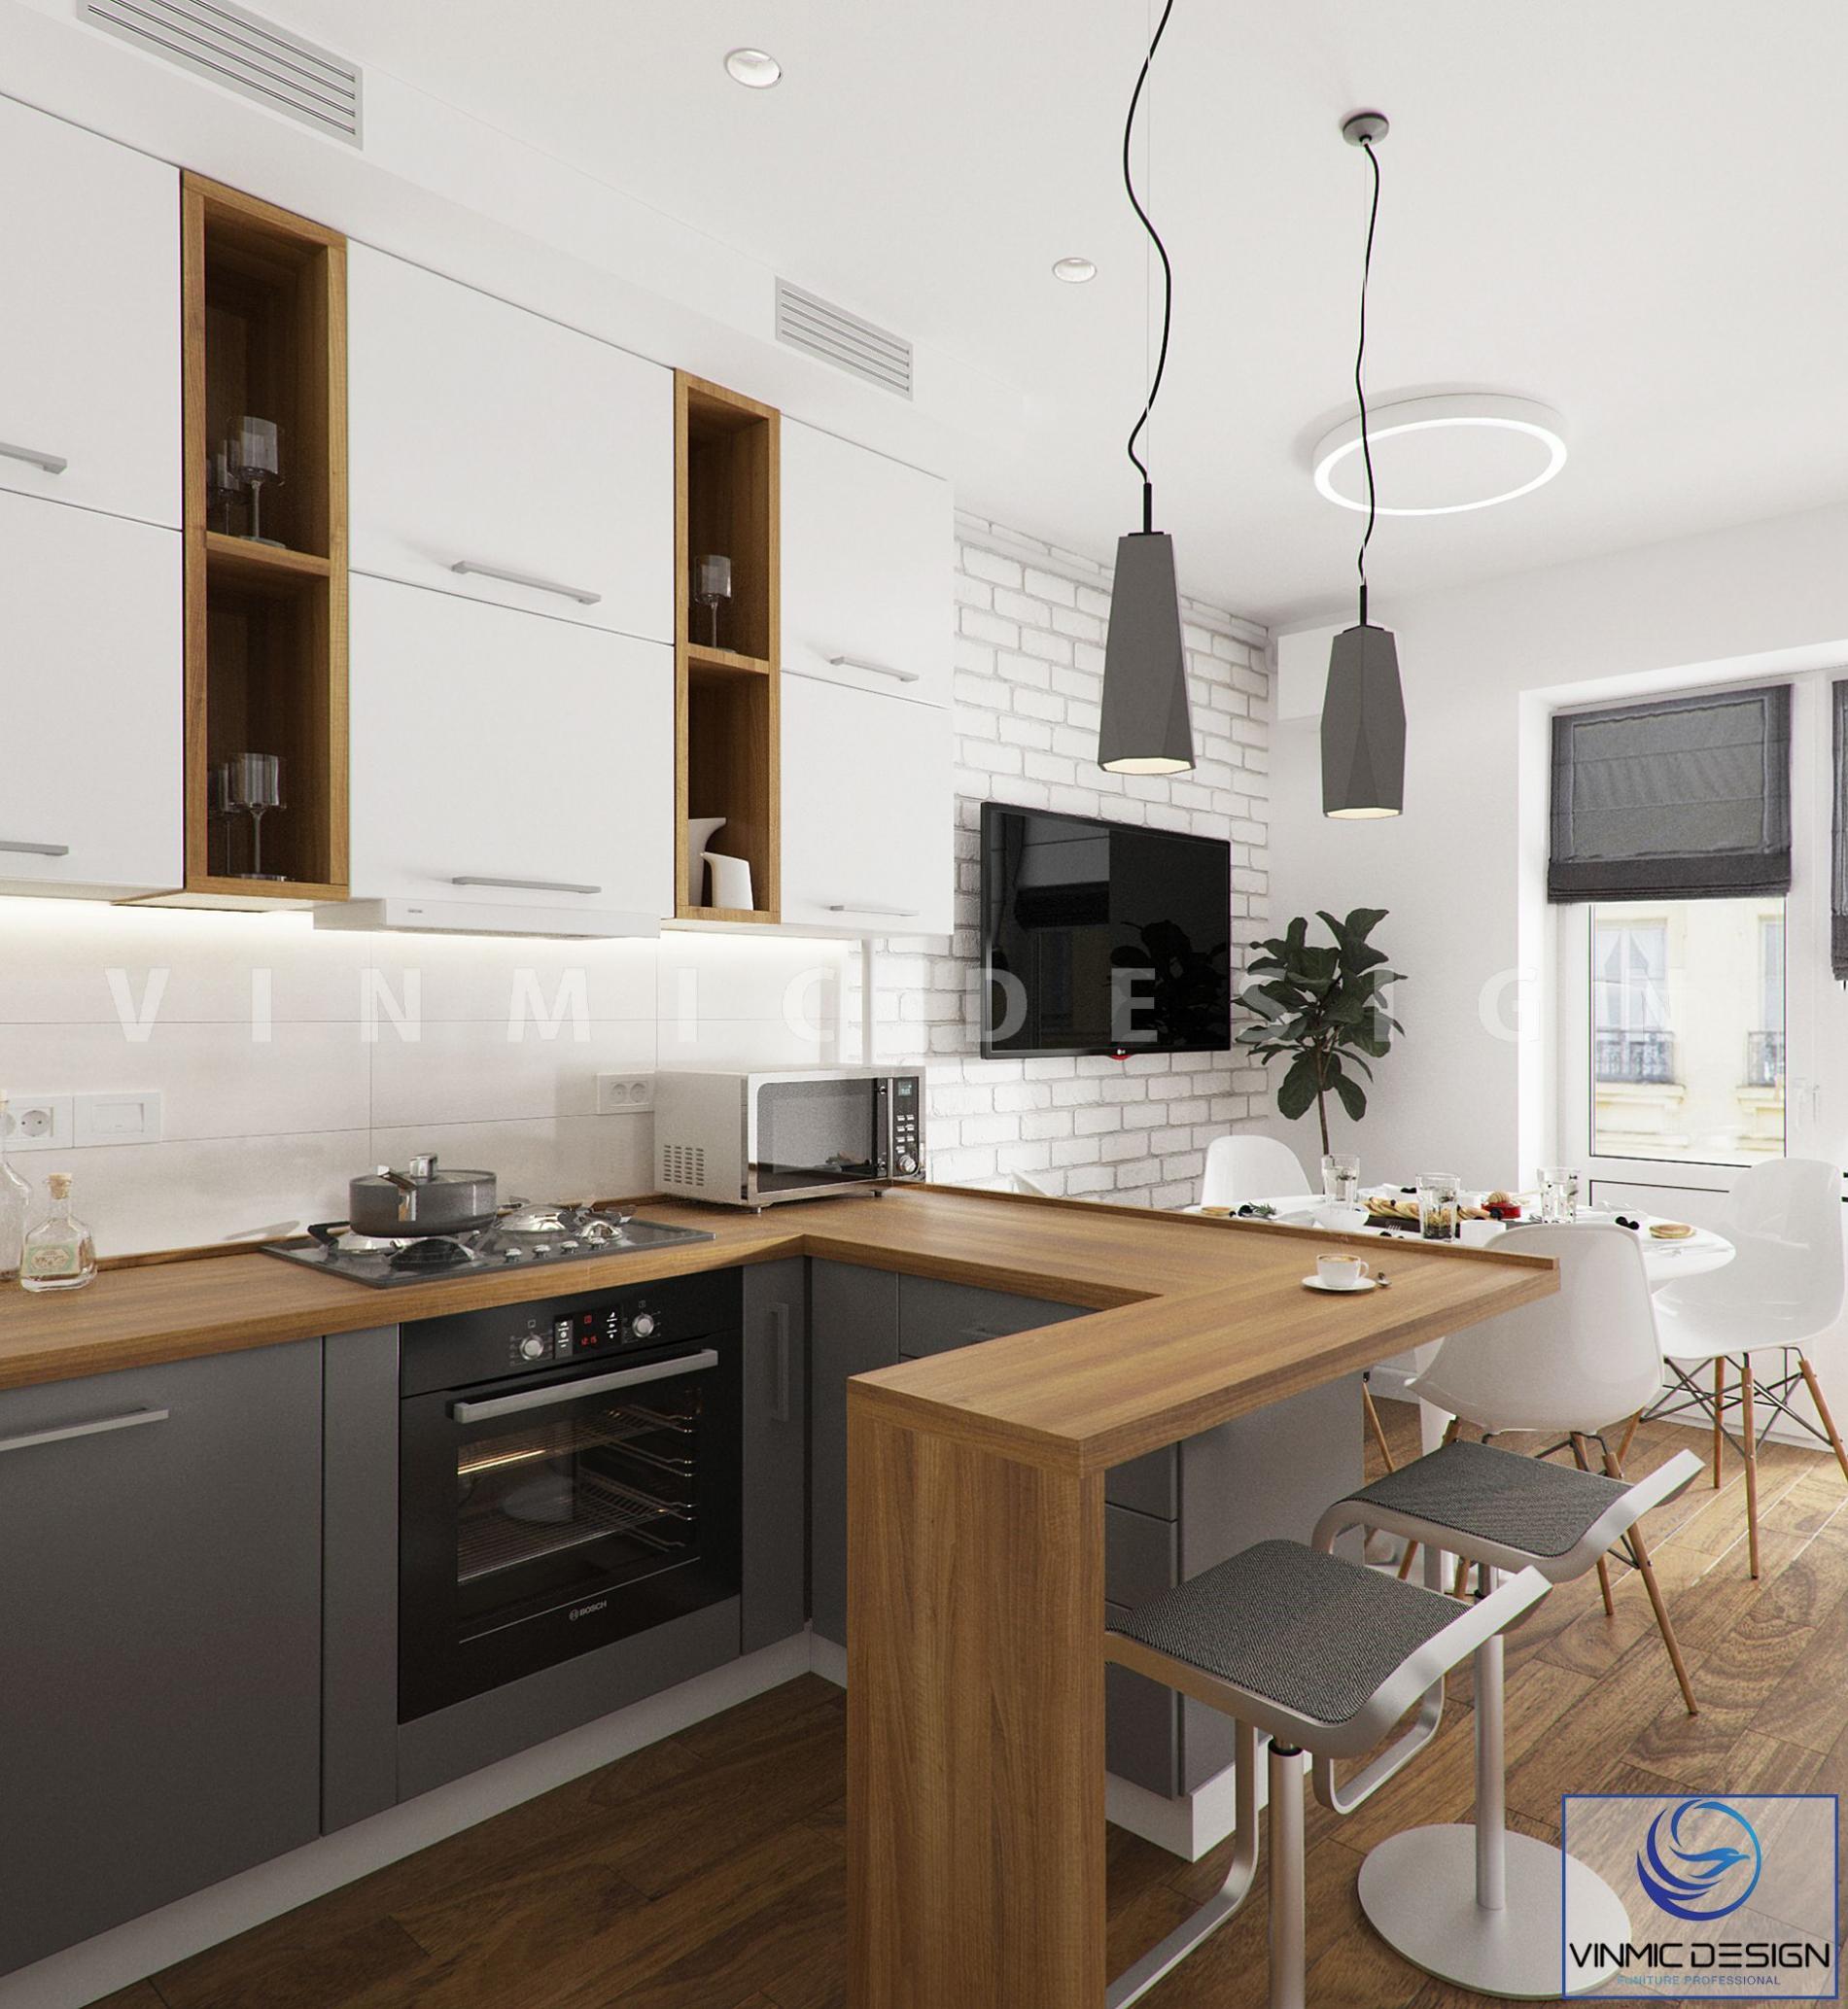 Sắp xếp vật dụng hợp lí, tạo tiện ích cho phòng bếp